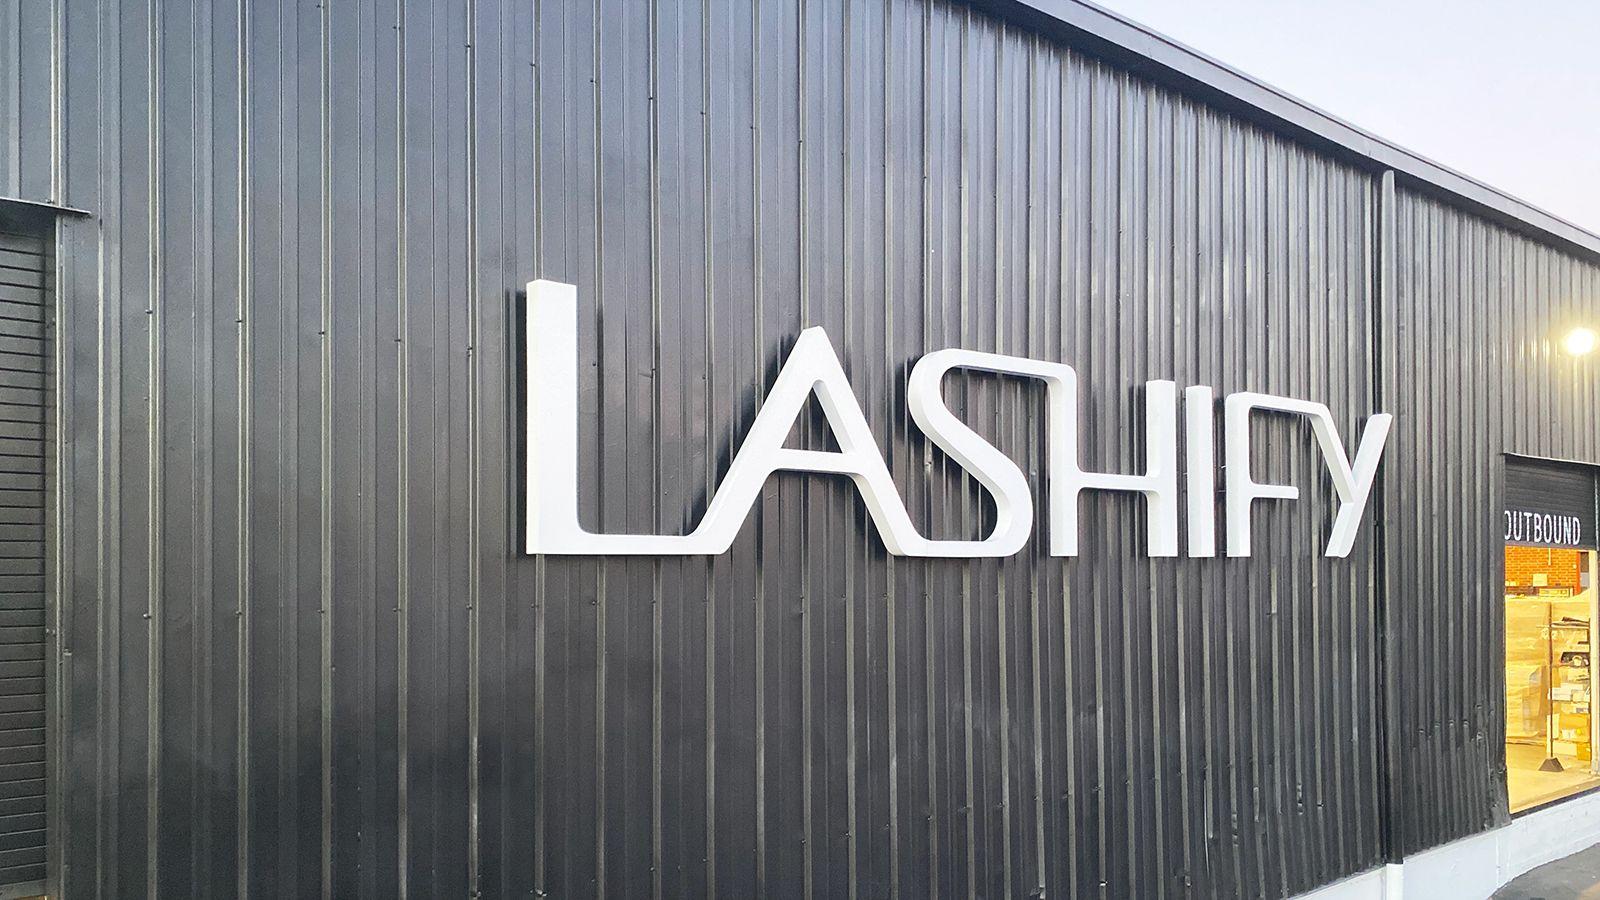 Lashify large channel letters